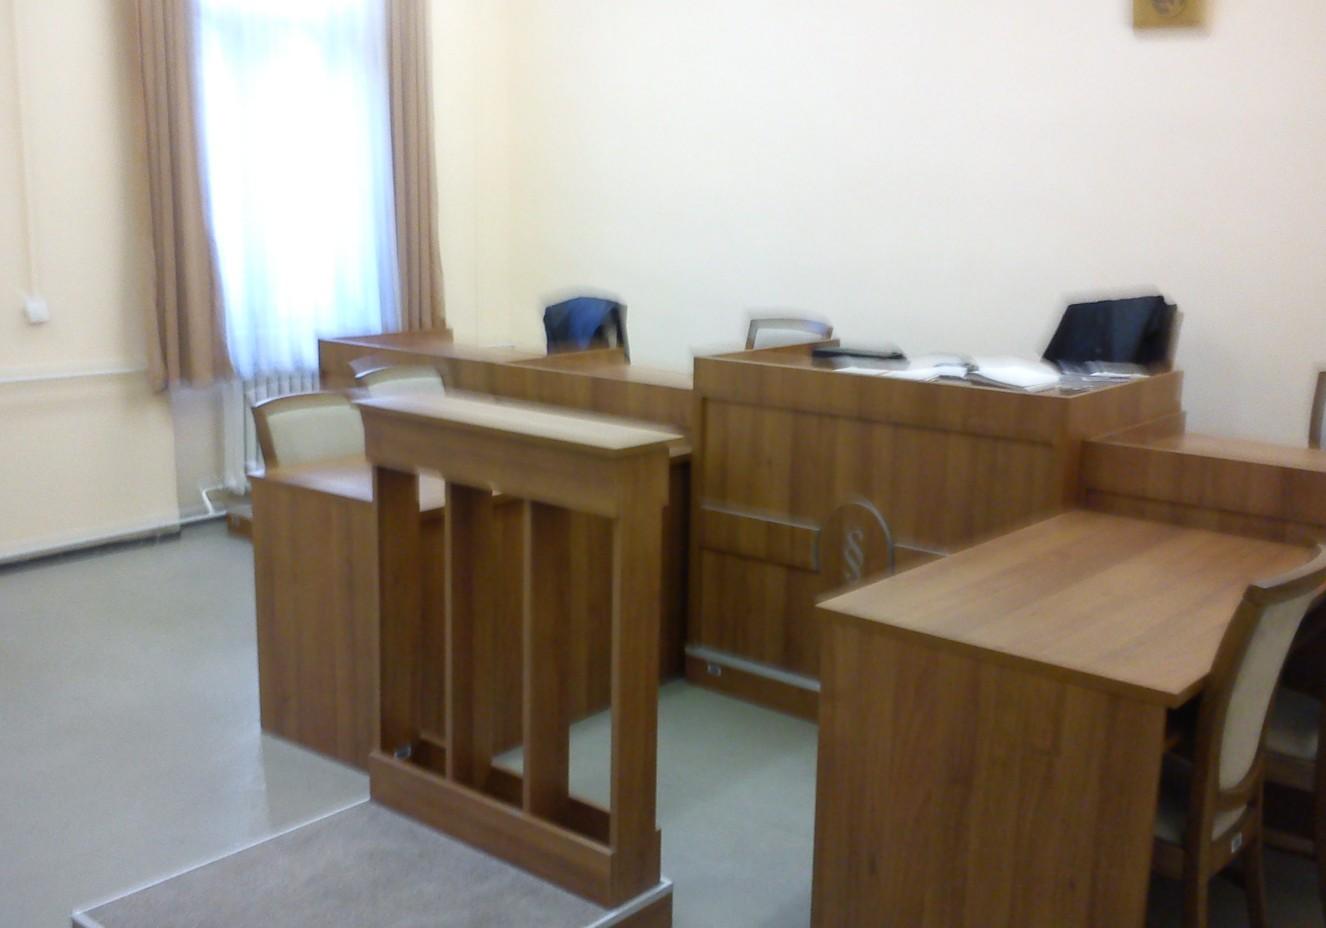 Bútorok Gyártása és Bútorok Forgalmazása Miskolc